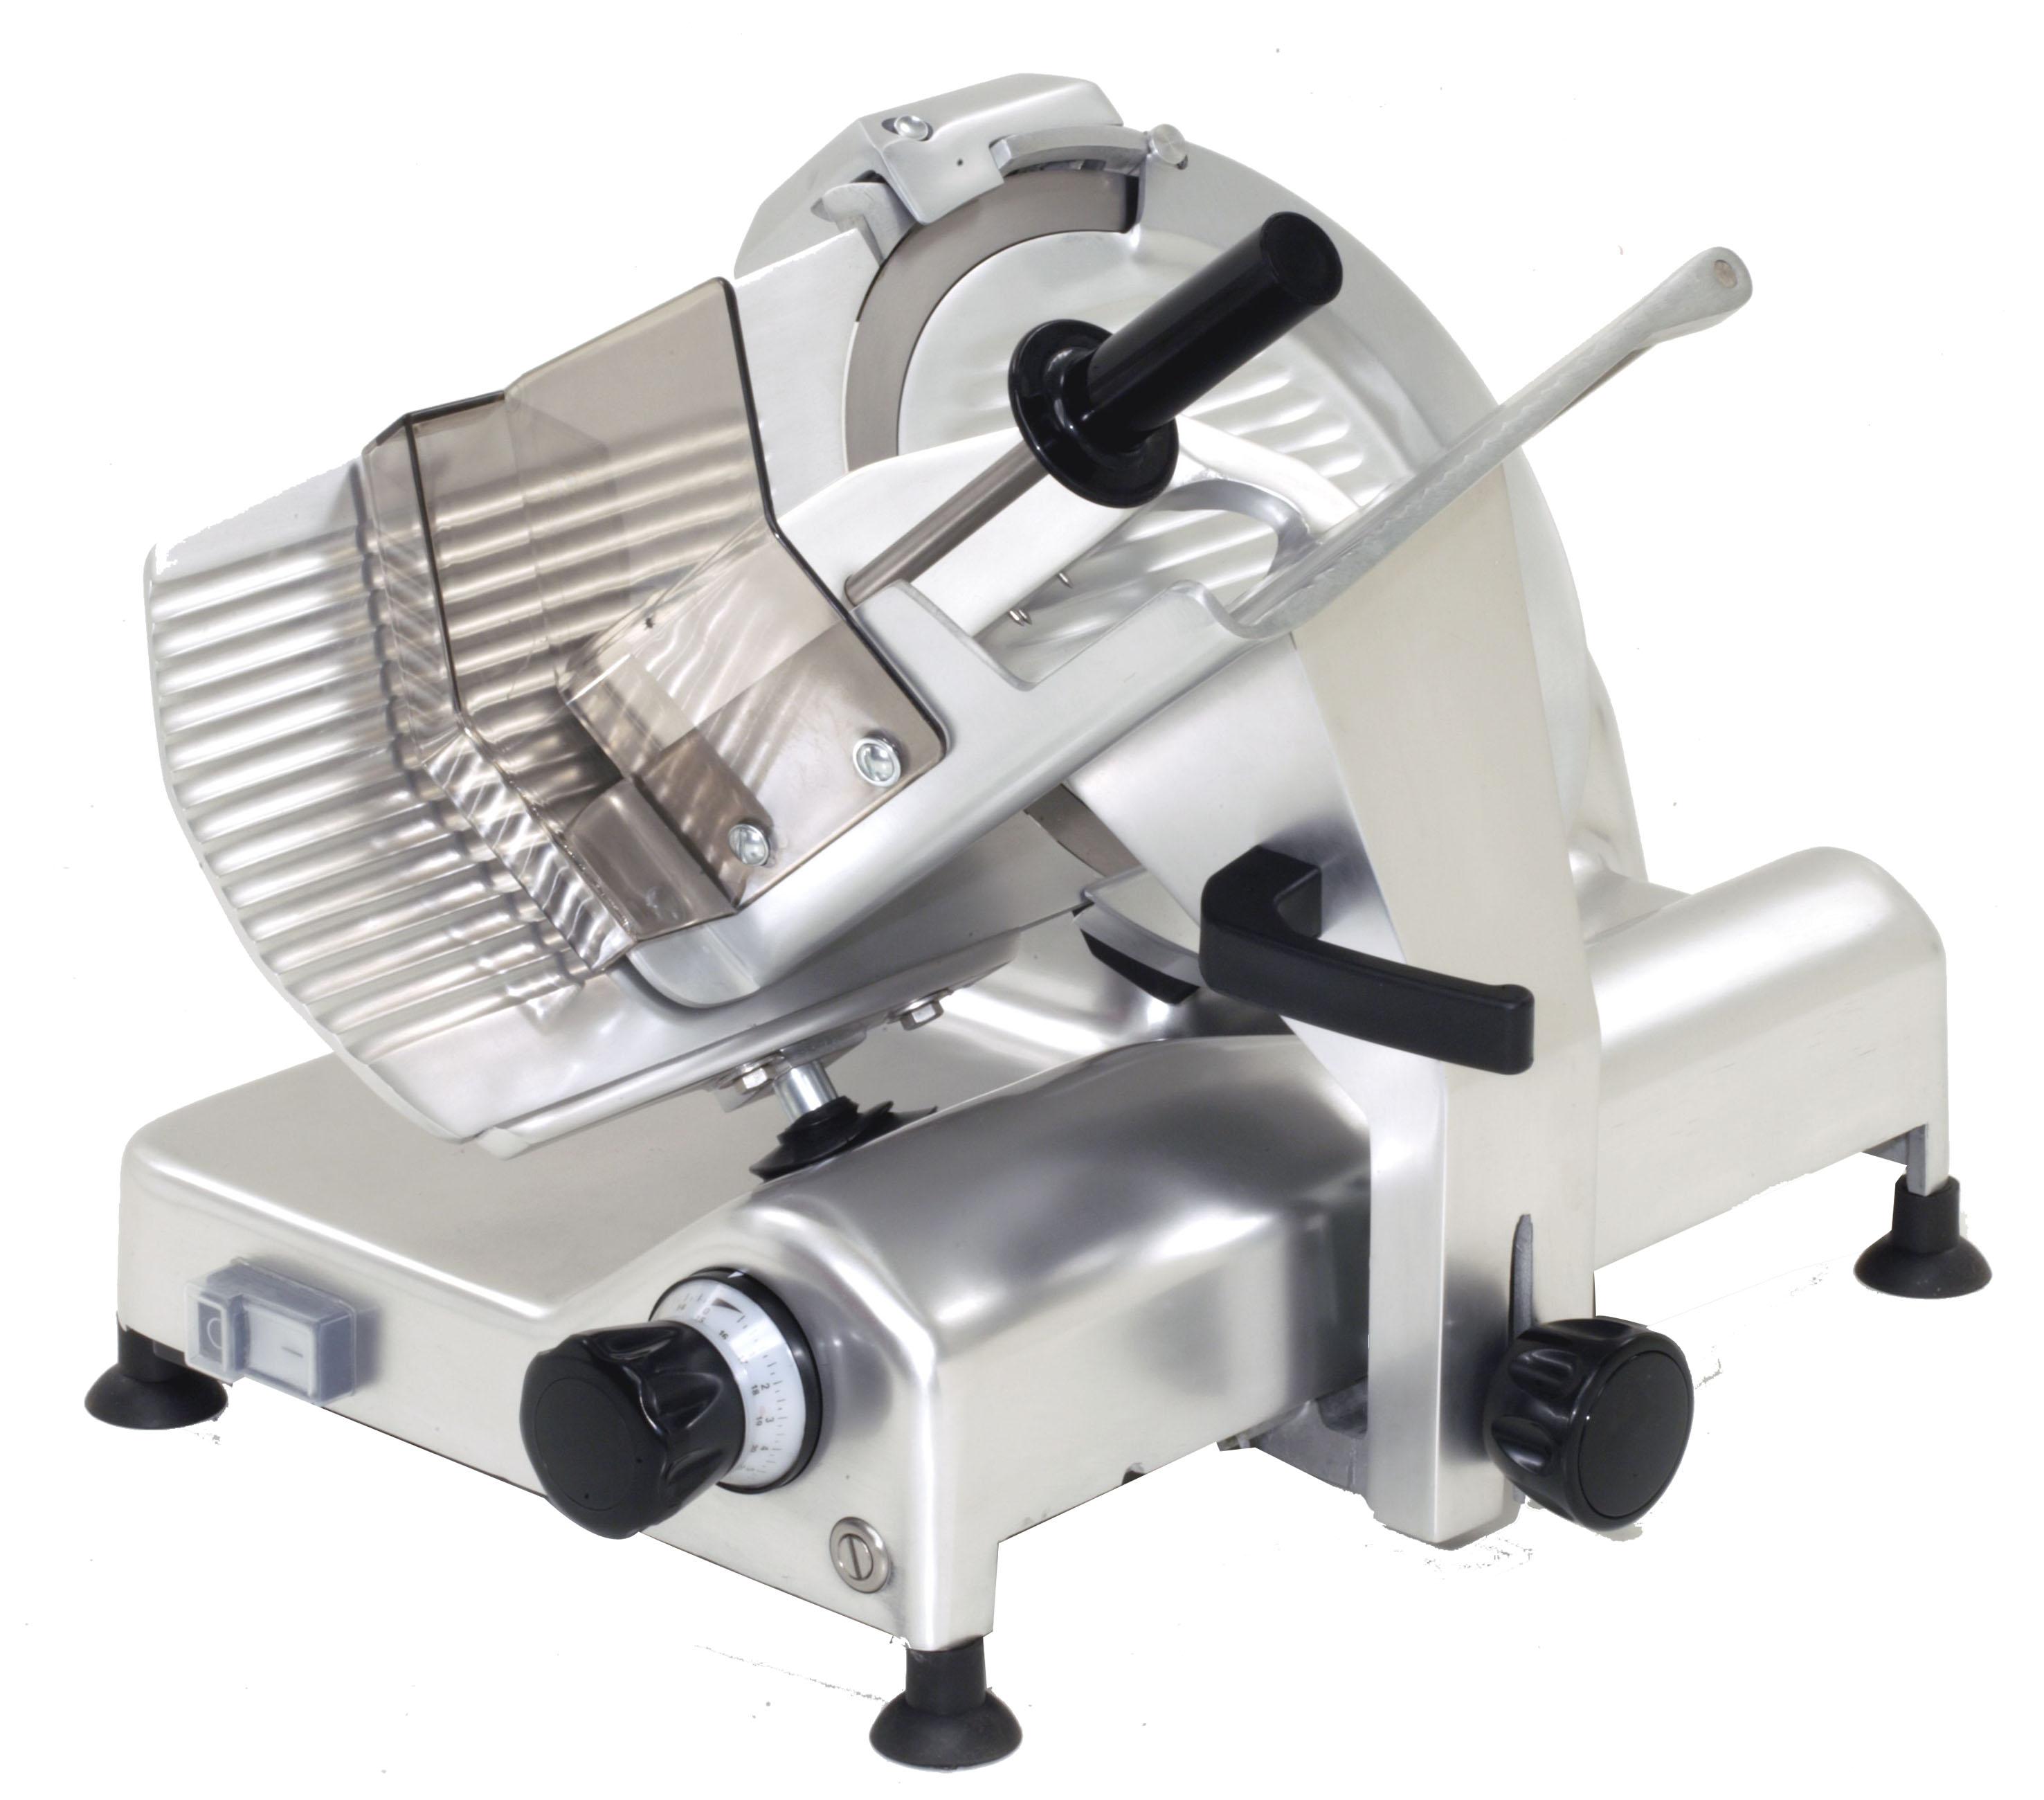 Stroj nářezový GXE 300 DP - šnek